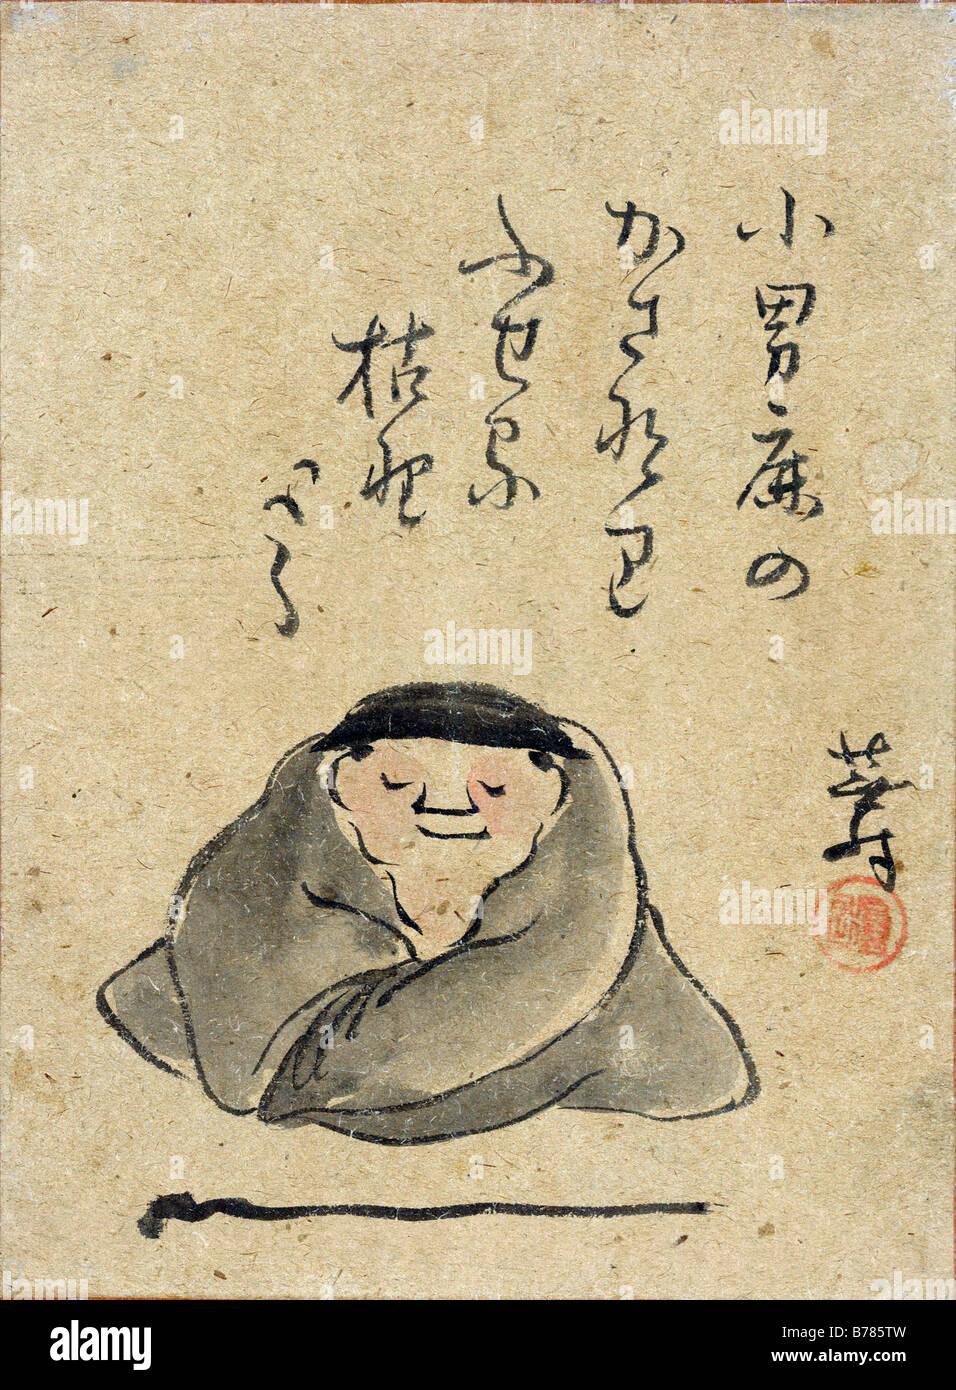 Japan Kunst Sammlung Jac Ist Ein Genre Der Japanischen Traditionellen Kunst Zeichnungen Holzschnitte Holzschnitte Und Gemalde Stockfotografie Alamy